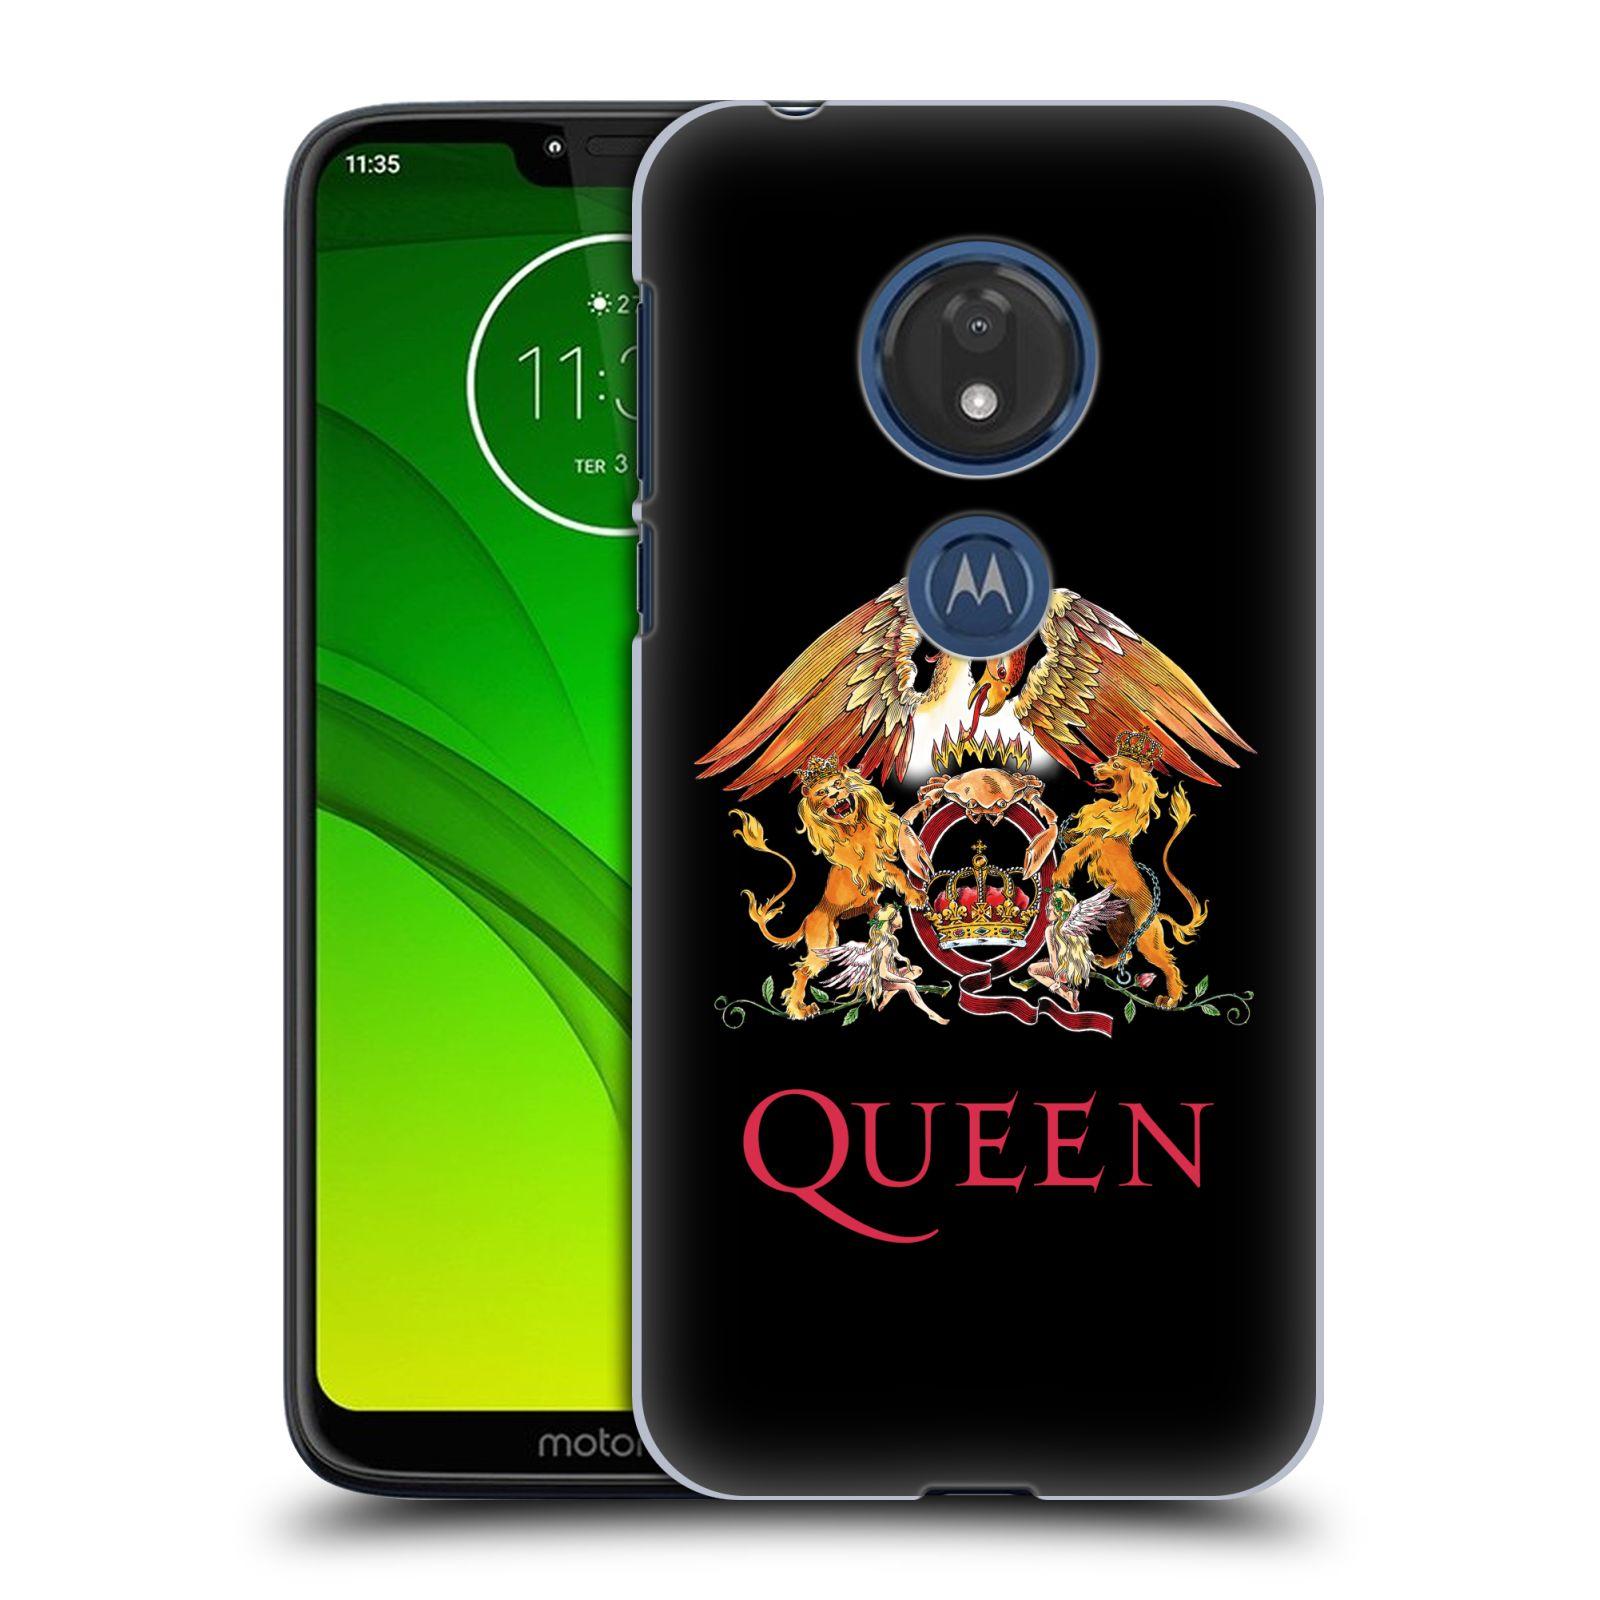 Plastové pouzdro na mobil Motorola Moto G7 Play - Head Case - Queen - Logo